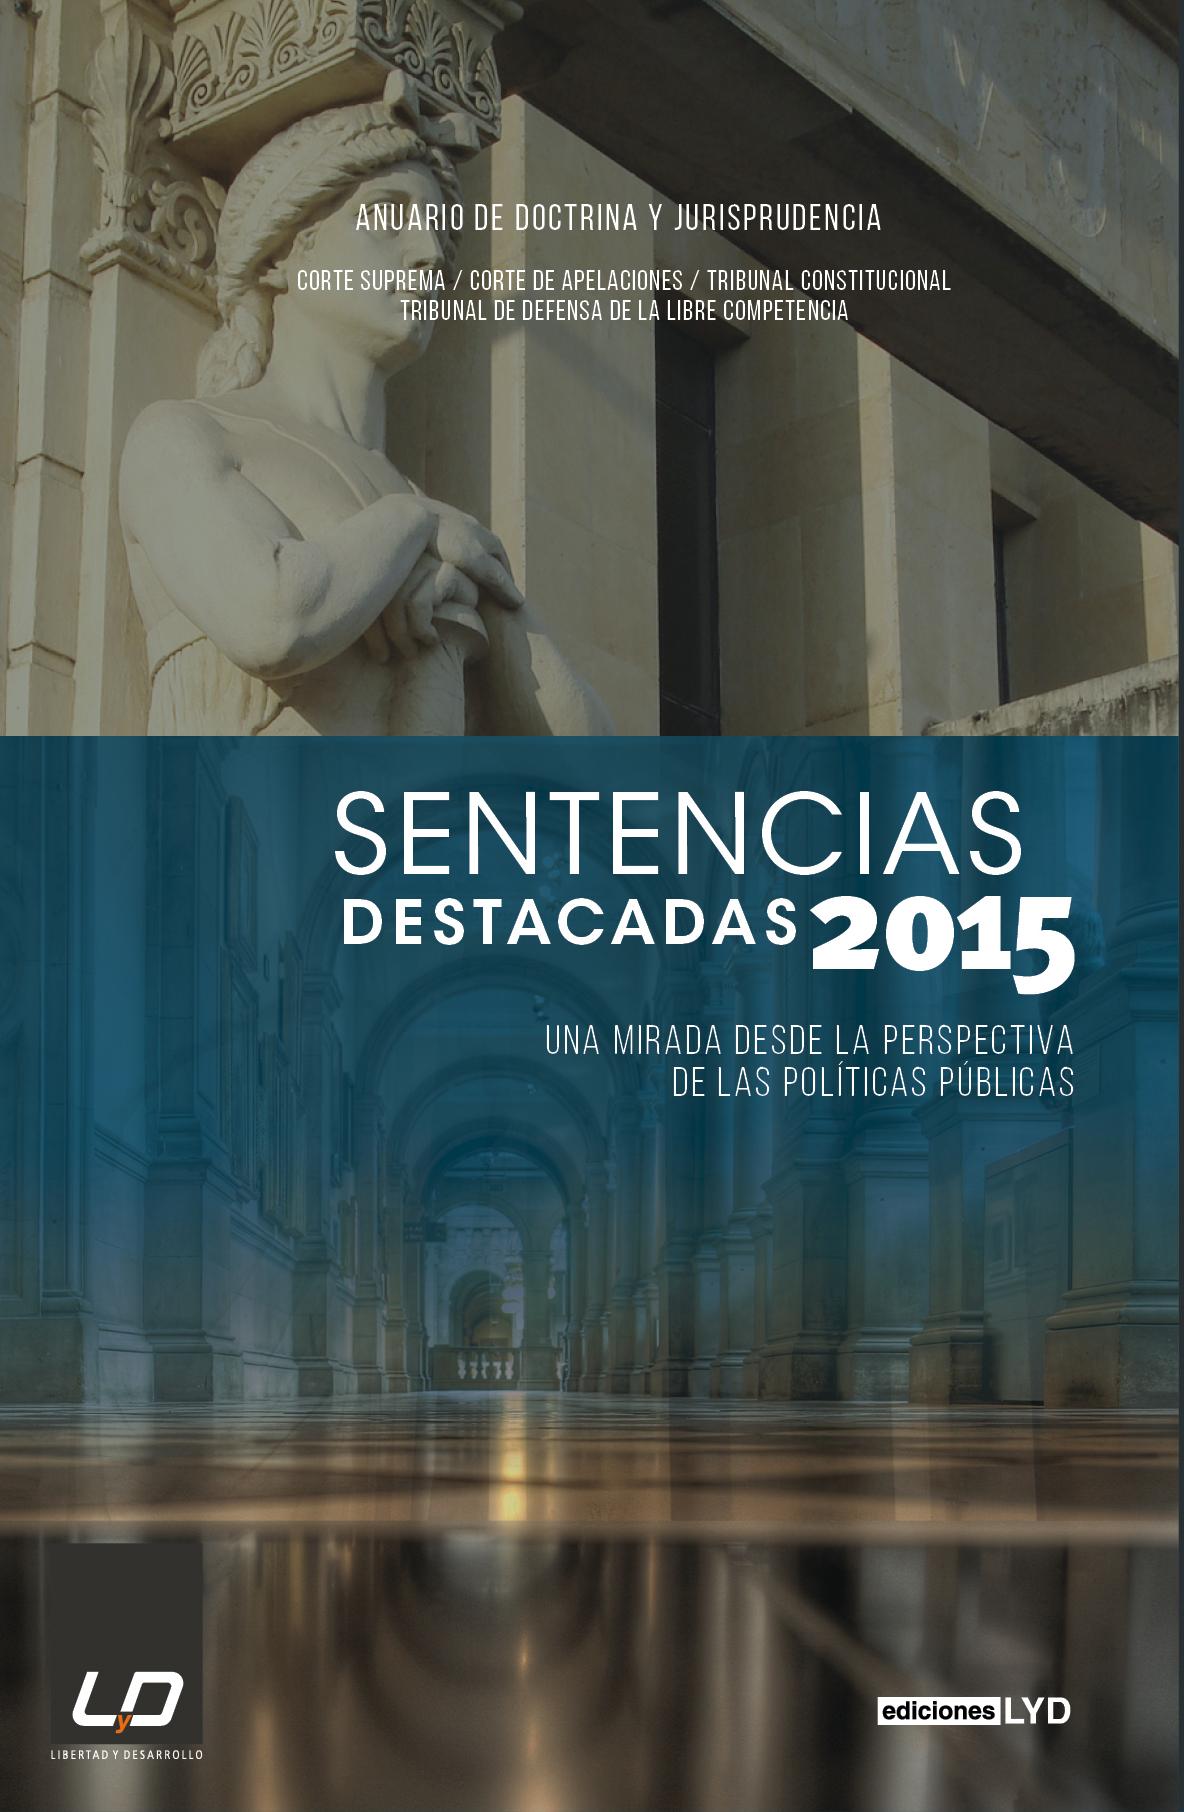 Sentencias Destacadas 2015